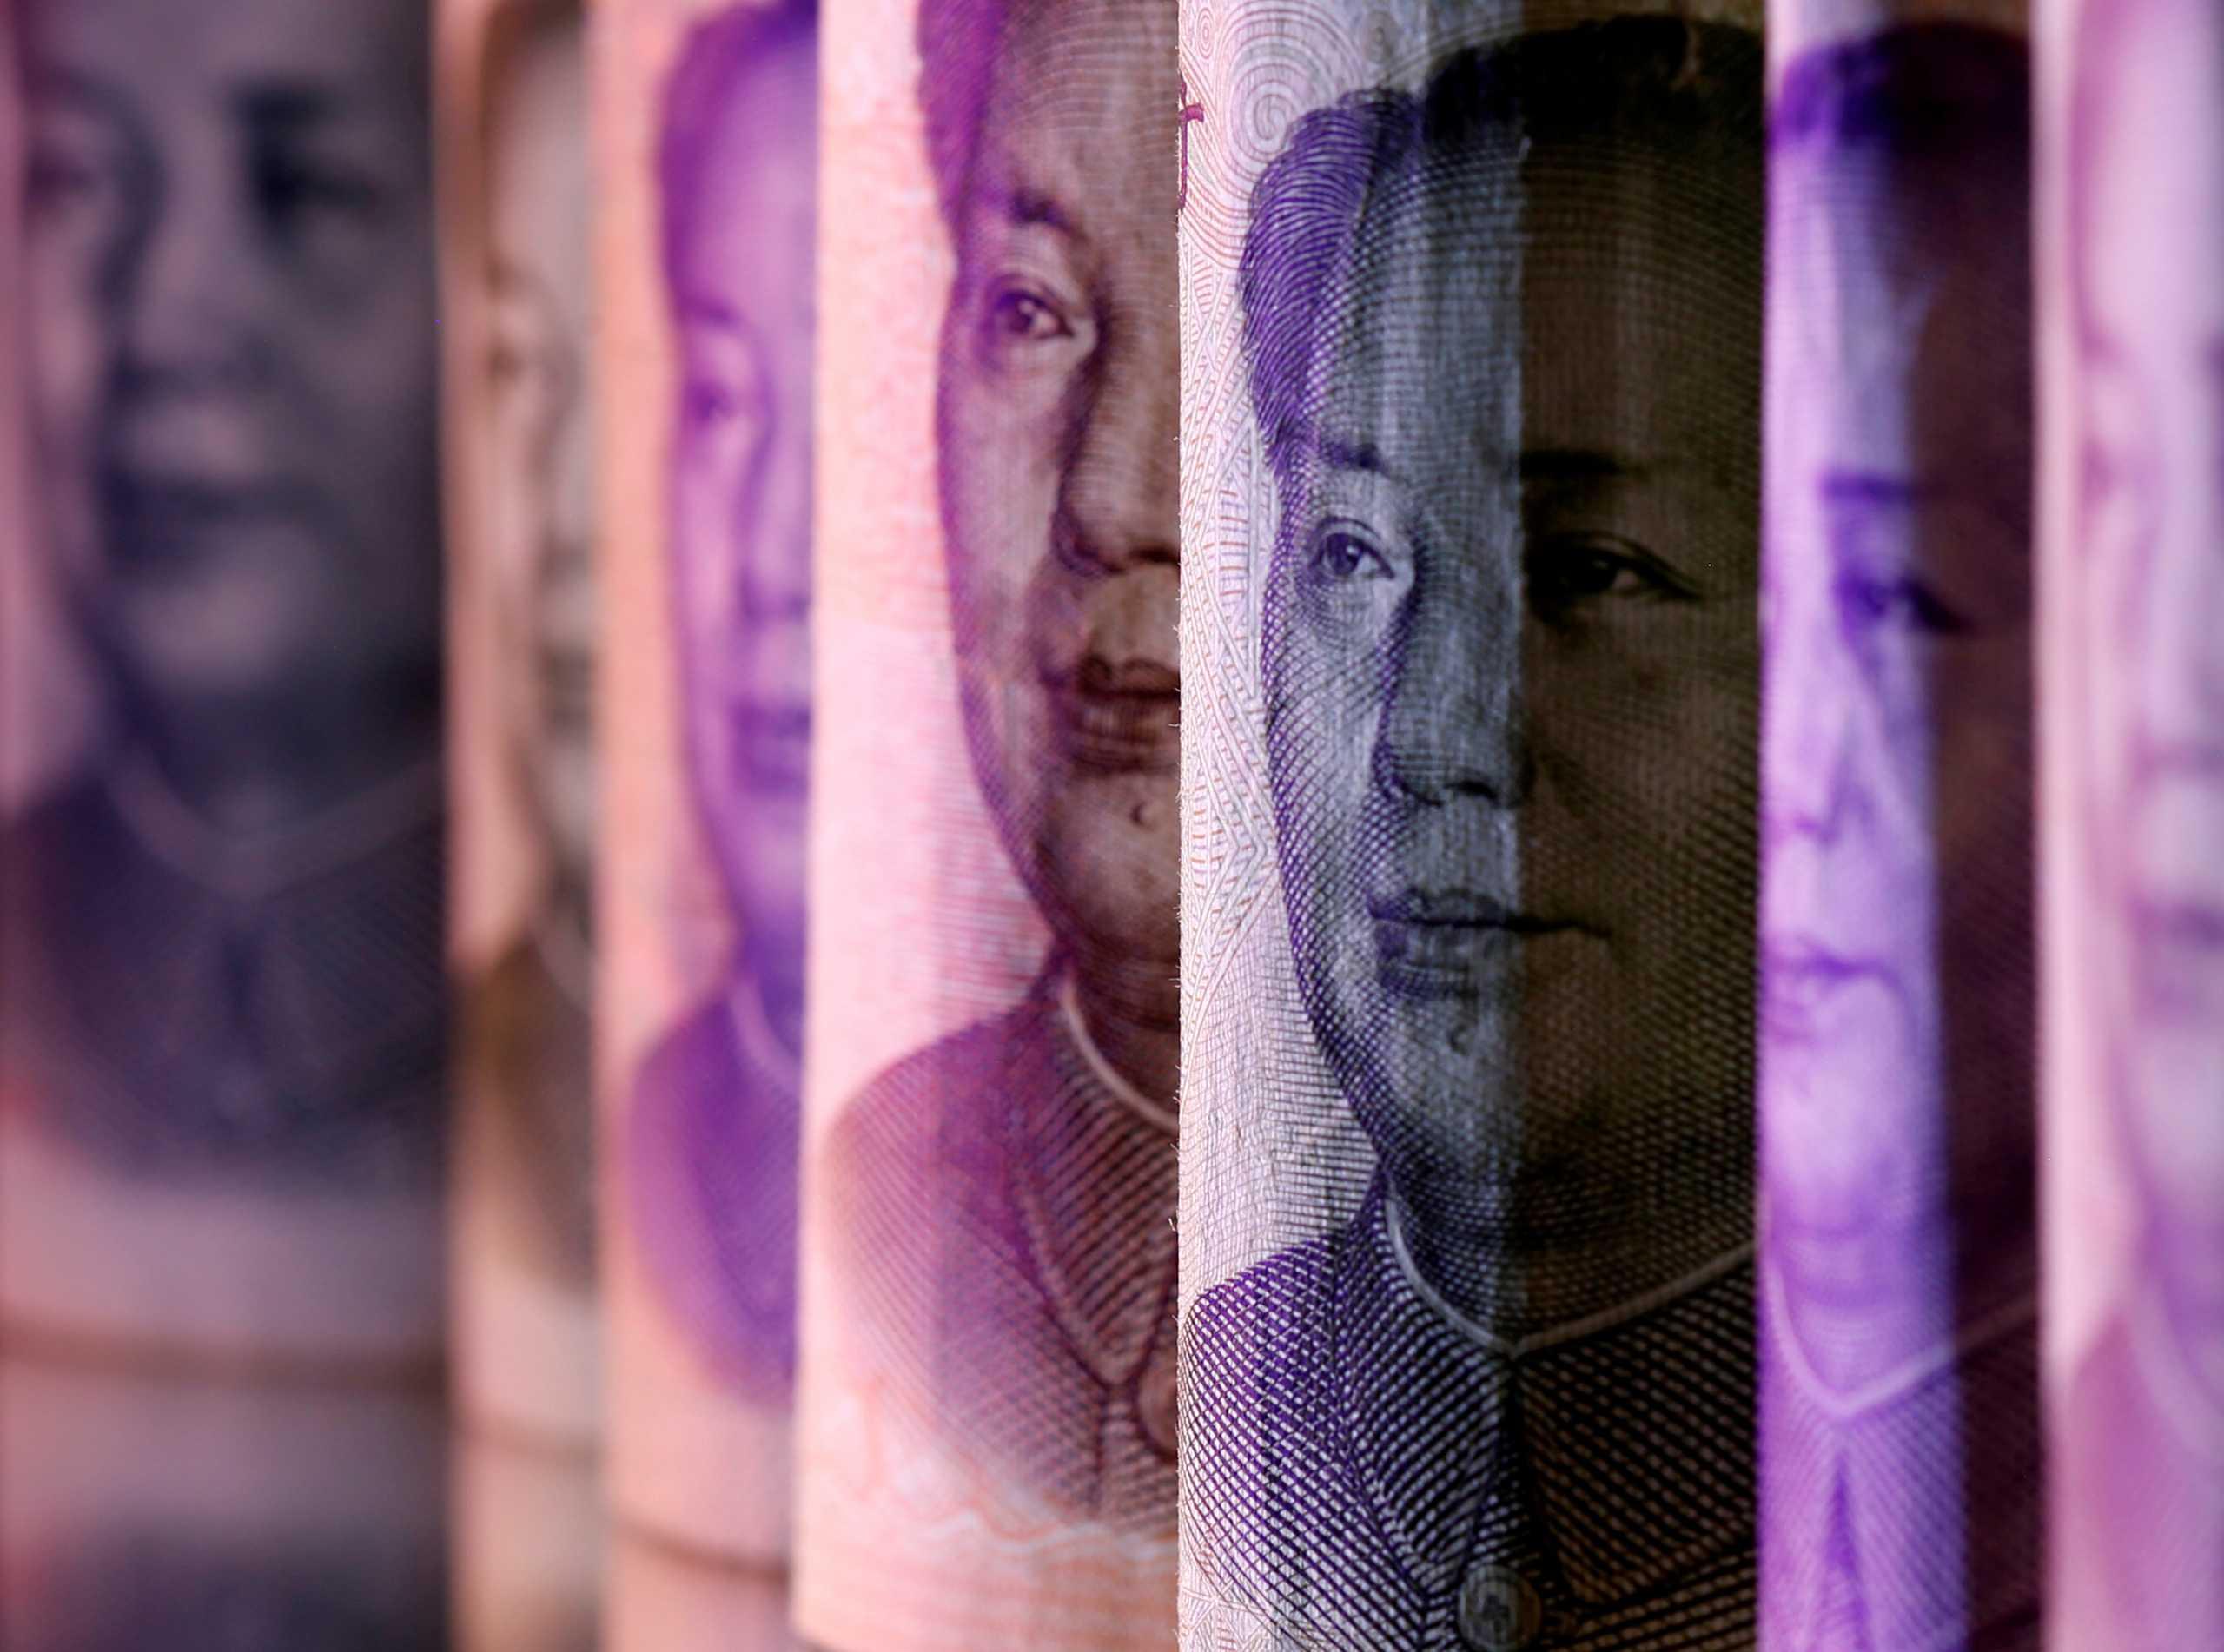 Κίνα: Εκτελέστηκε για διαφθορά πρώην επικεφαλής επενδυτικού ταμείου